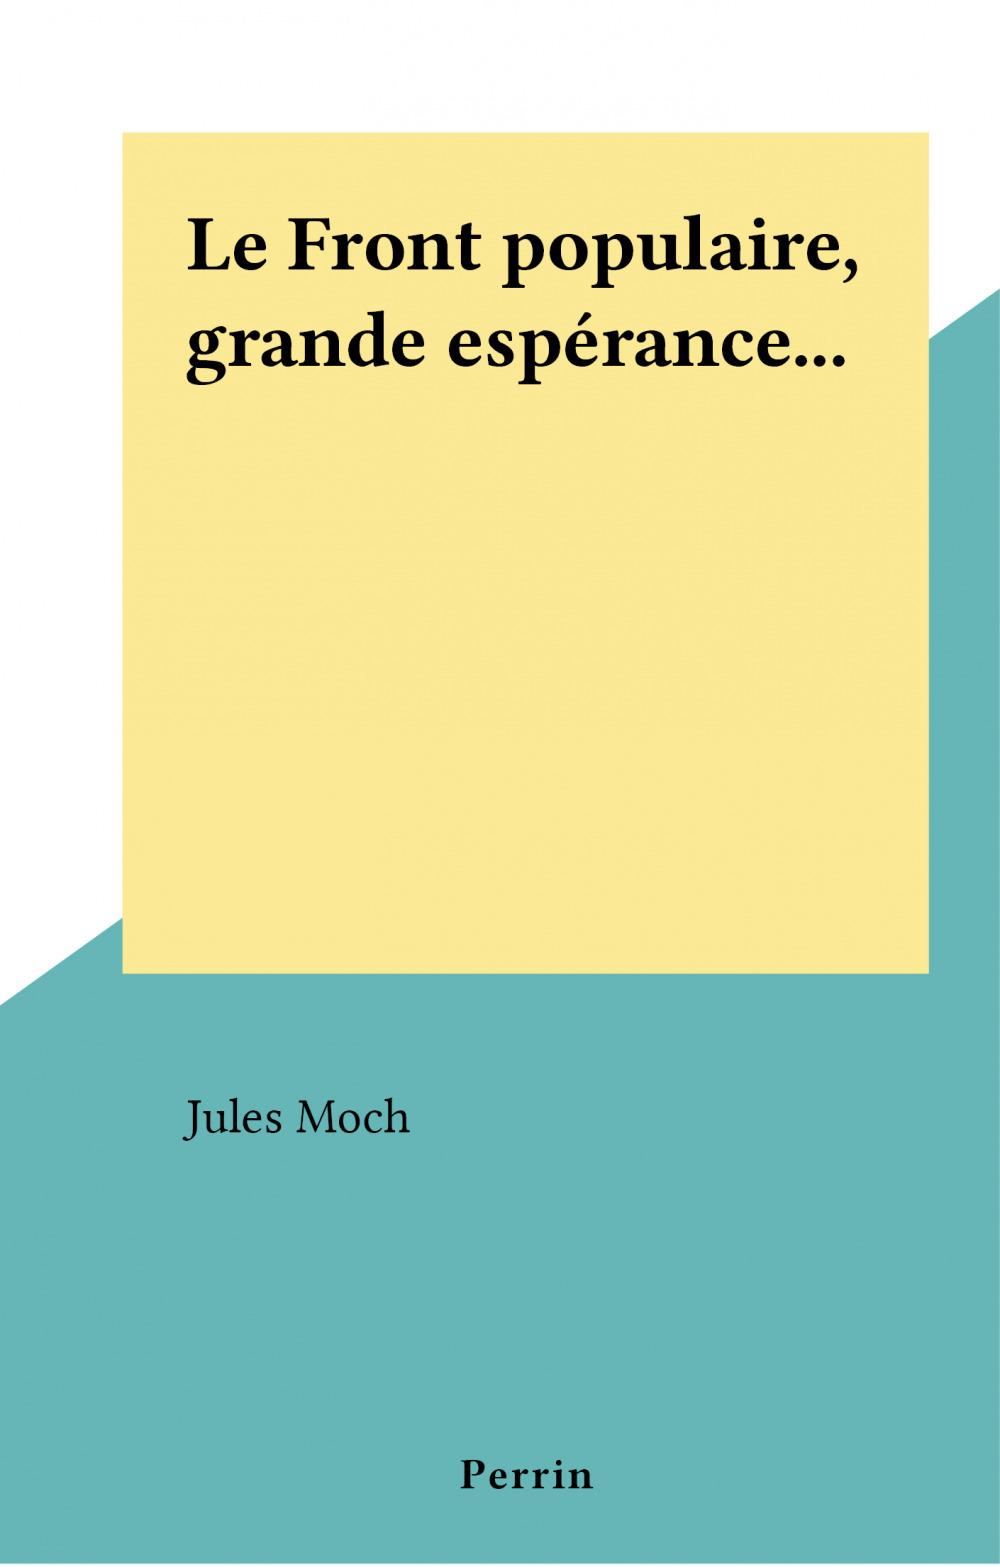 Le Front populaire, grande espérance...  - Jules Moch